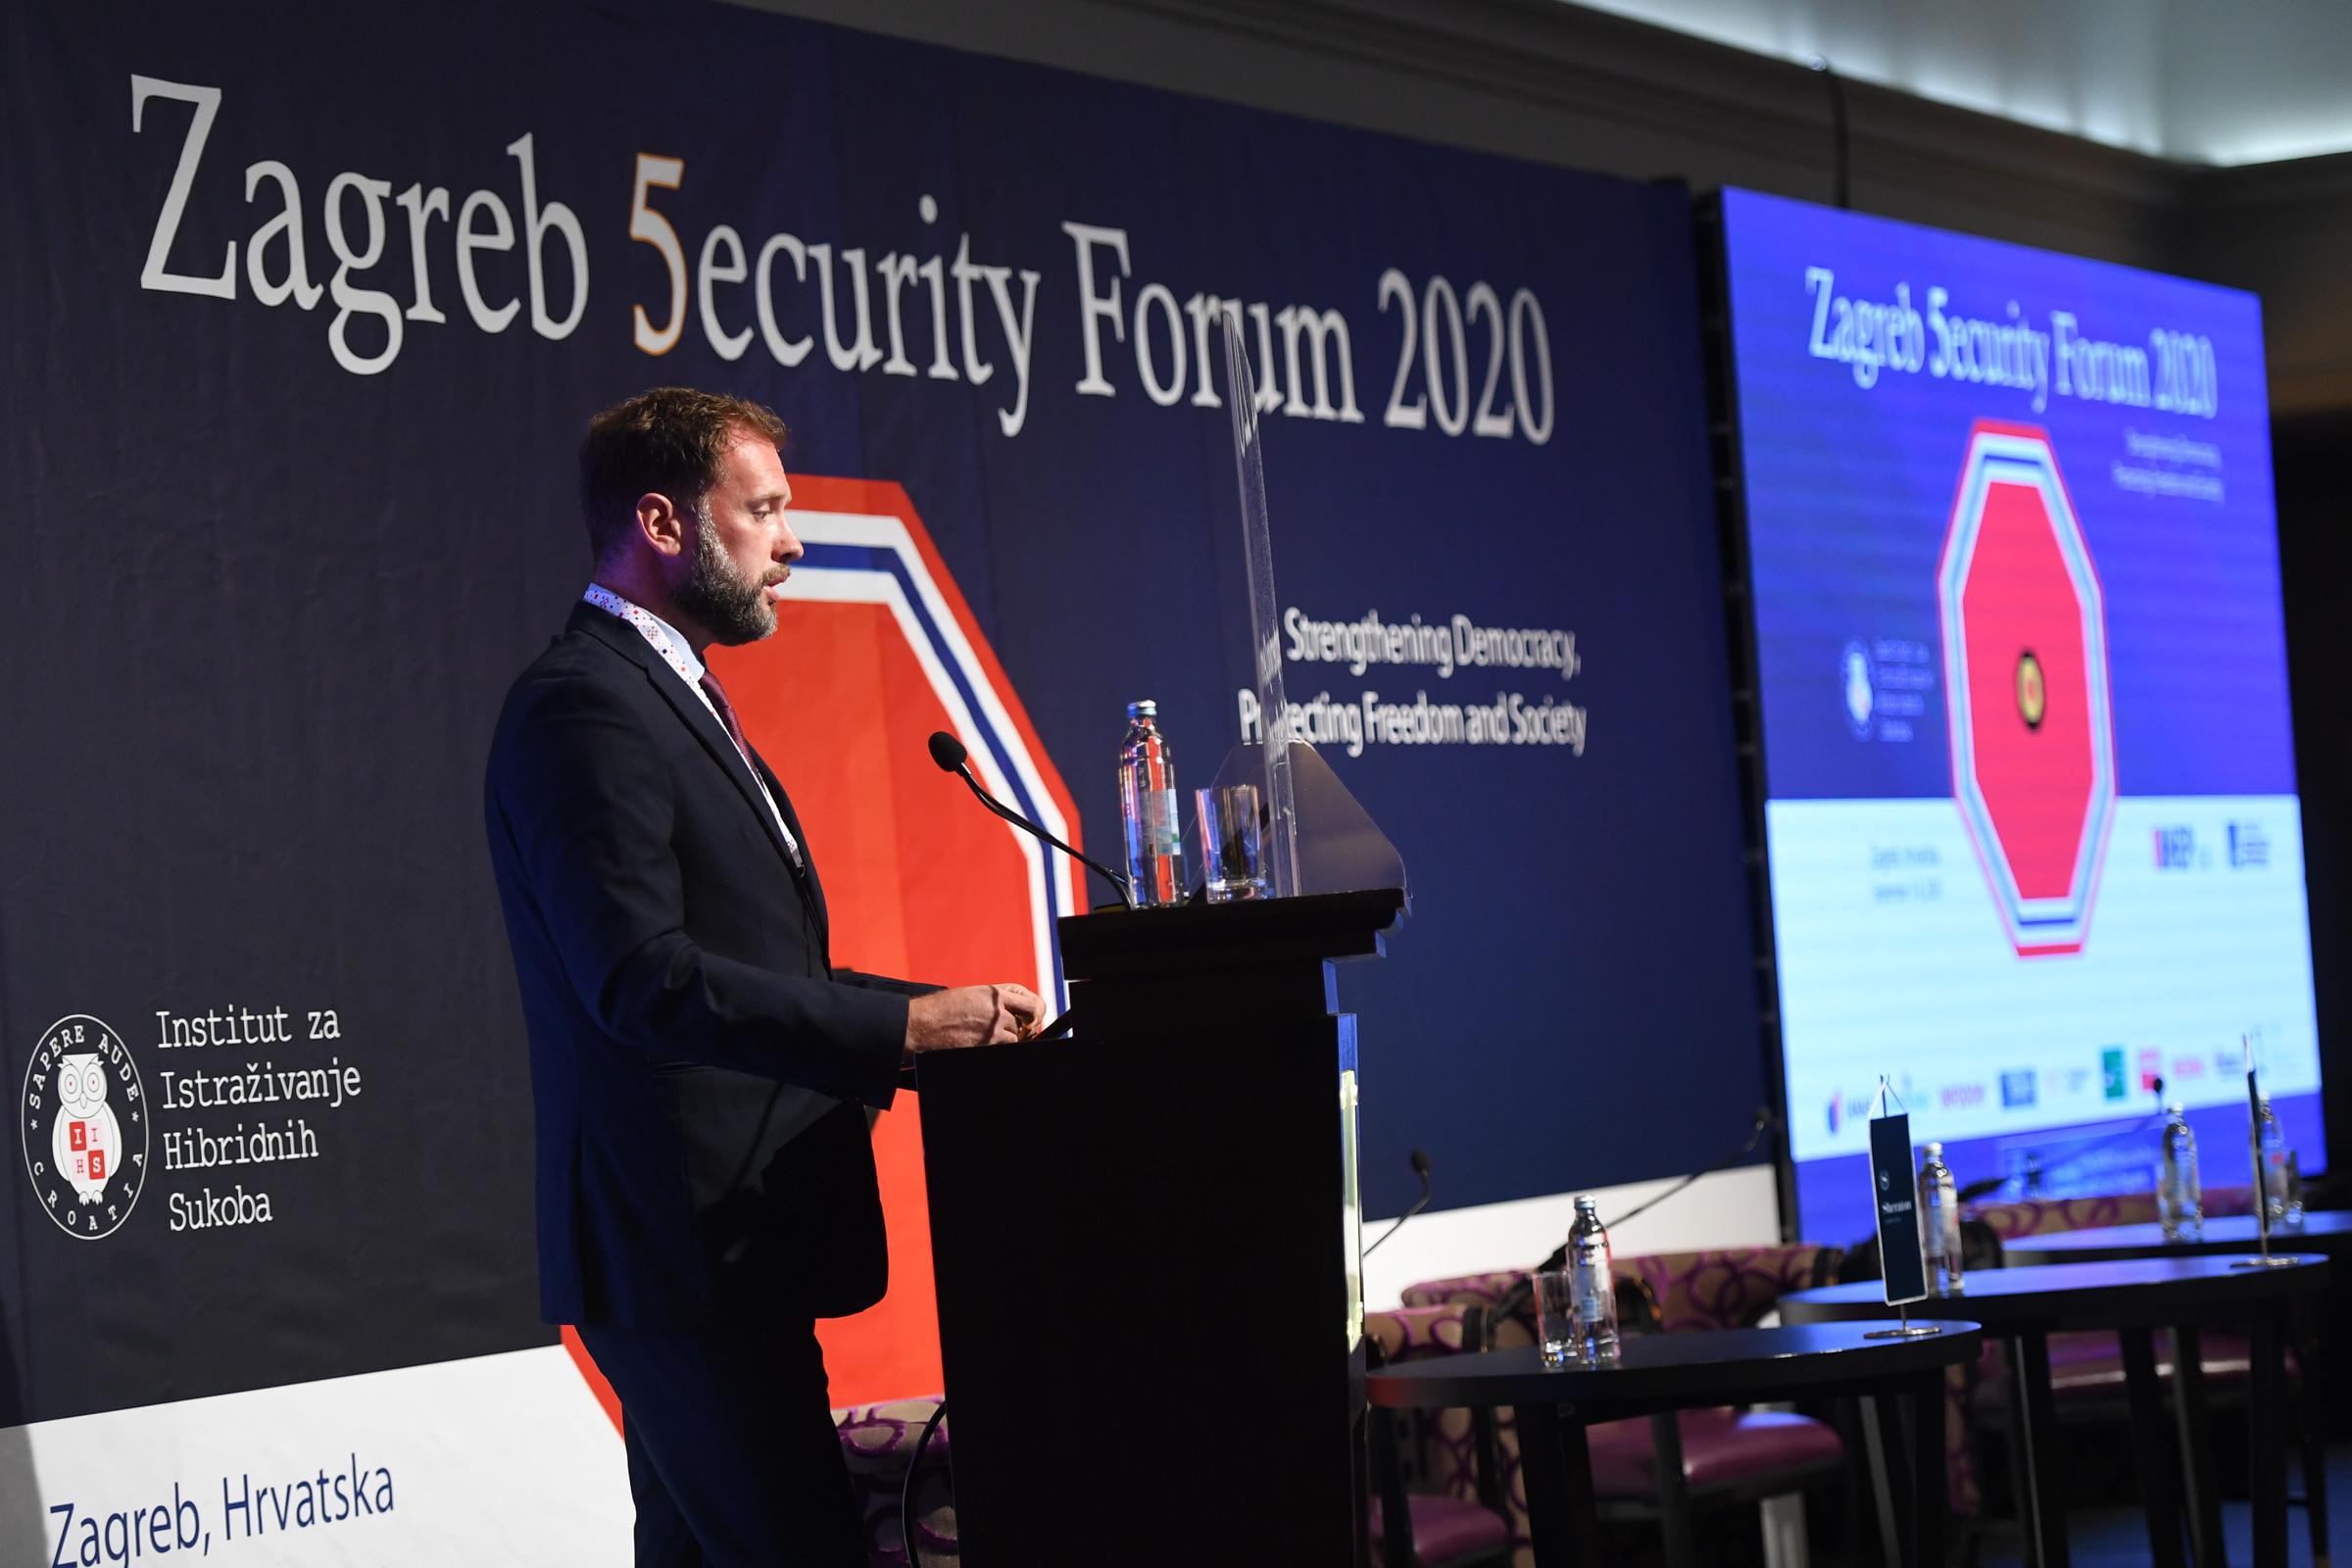 Ministar Banožić sudjelovao na Zagrebačkom sigurnosnom forumu